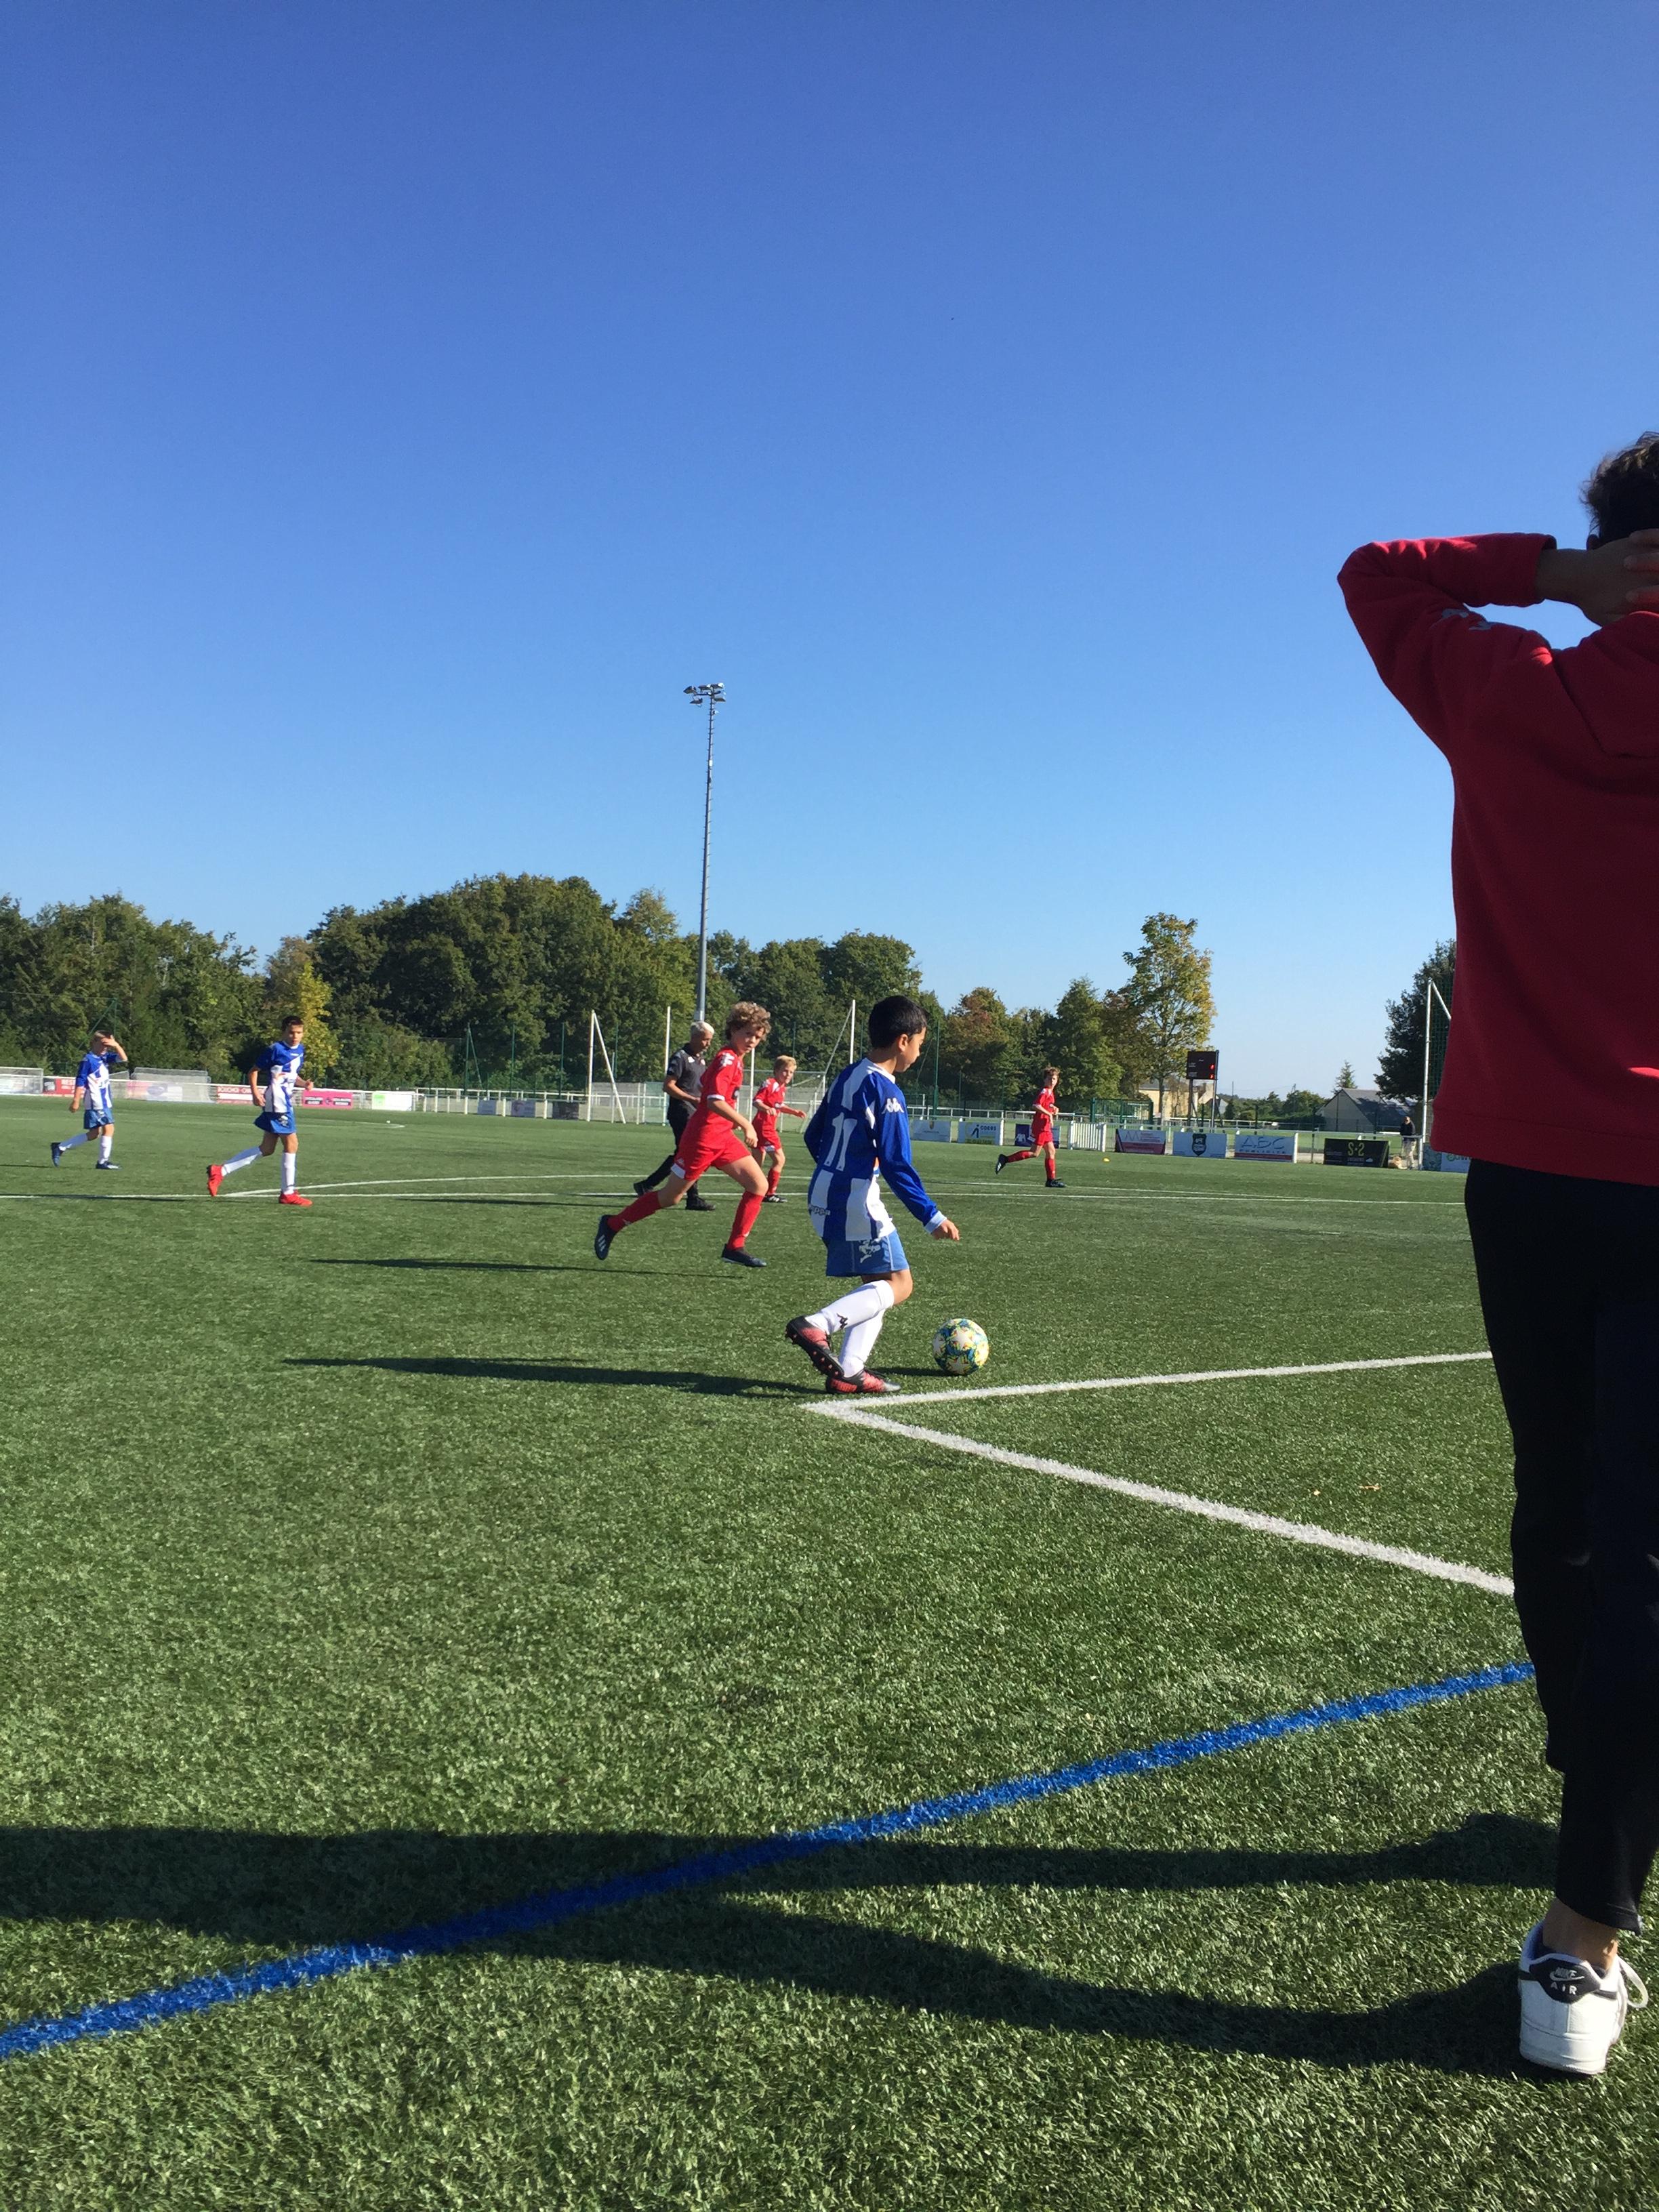 Résumés et photos matchs U13 samedi 9 octobre 2021!